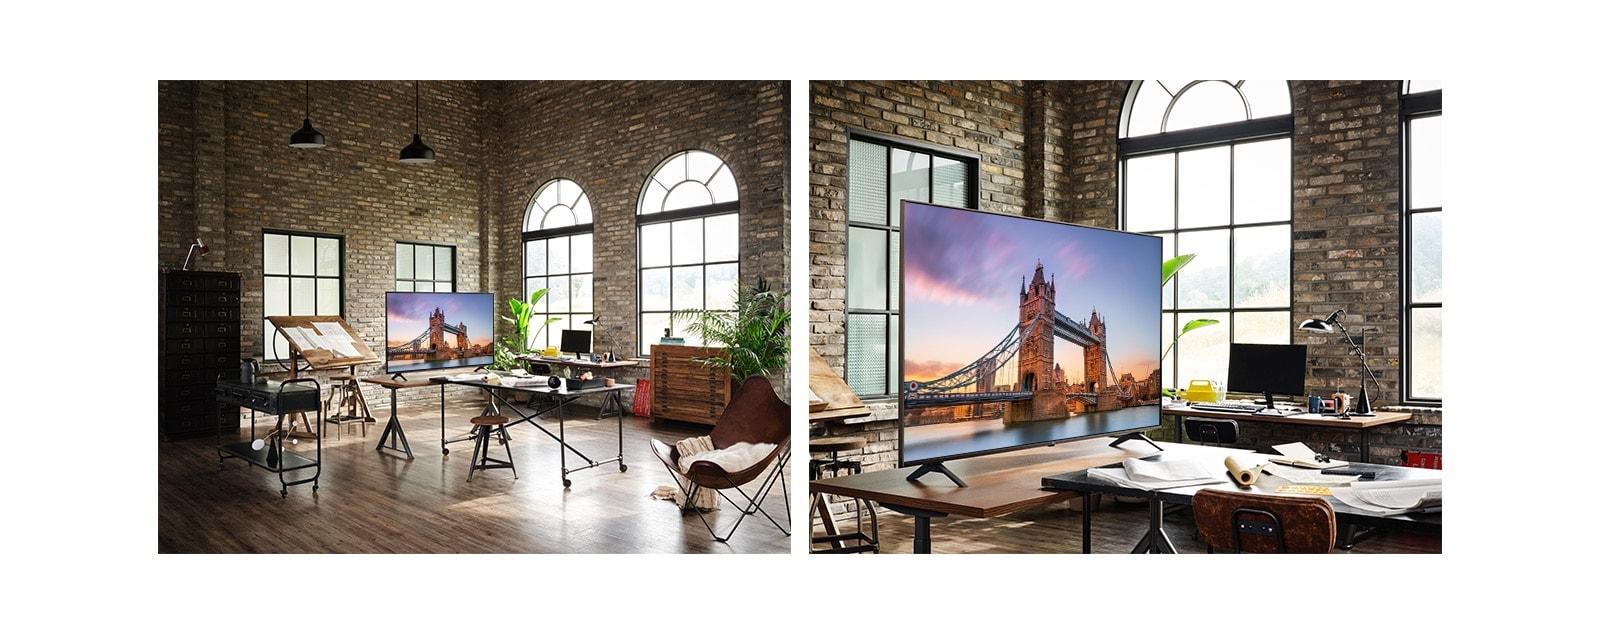 يوجد تلفزيون يعرض صورة لجسر لندن في غرفة عمل قديمة الطراز. لقطة مقرّبة لجهاز تلفزيون يعرض صورة جسر لندن على طاولة في غرفة عمل قديمة الطراز.